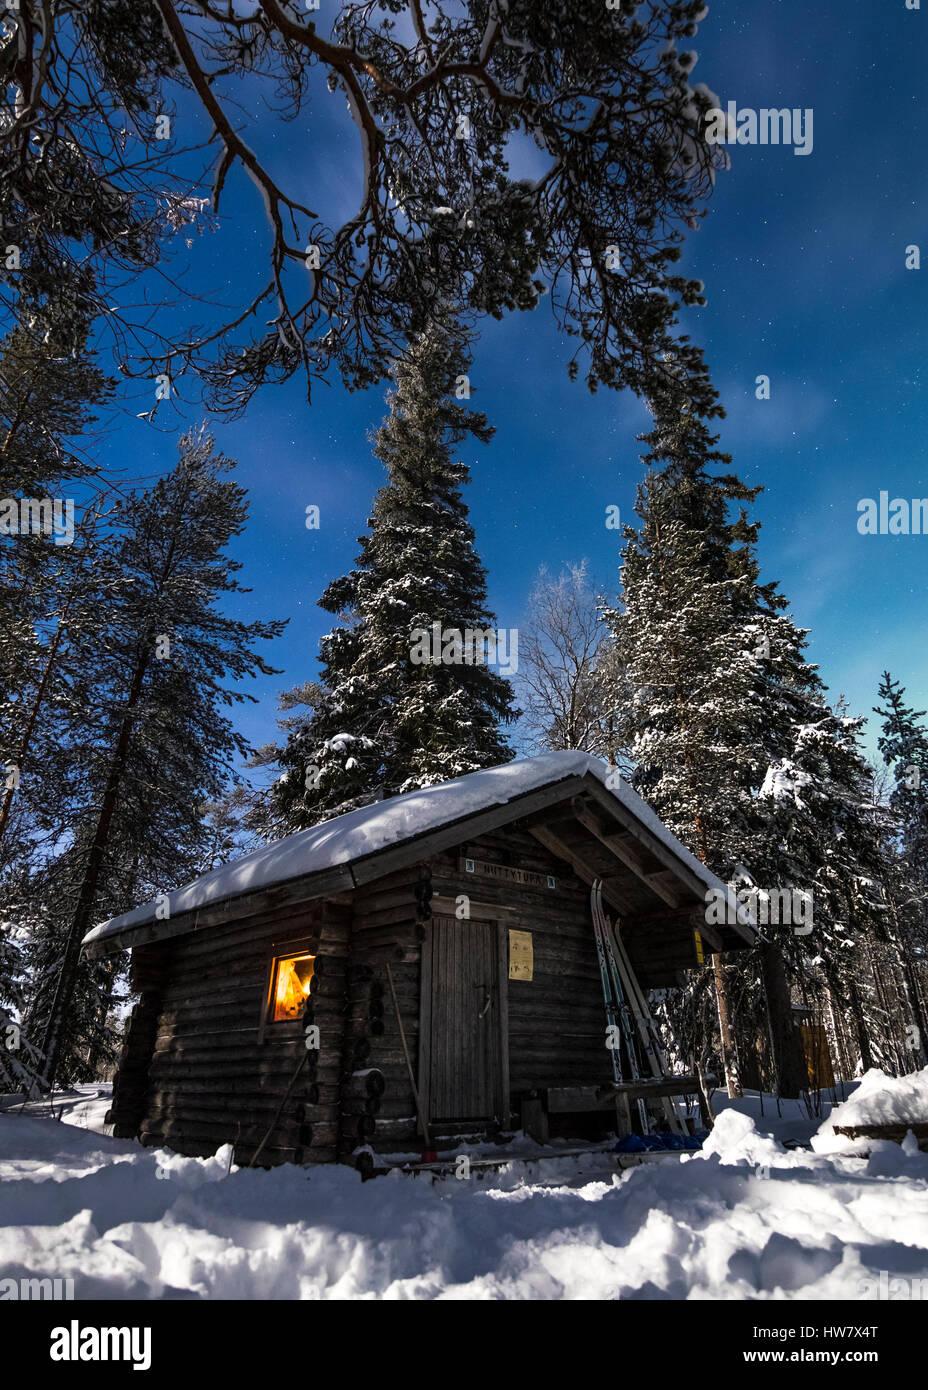 Cabaña en el bosque Imagen De Stock